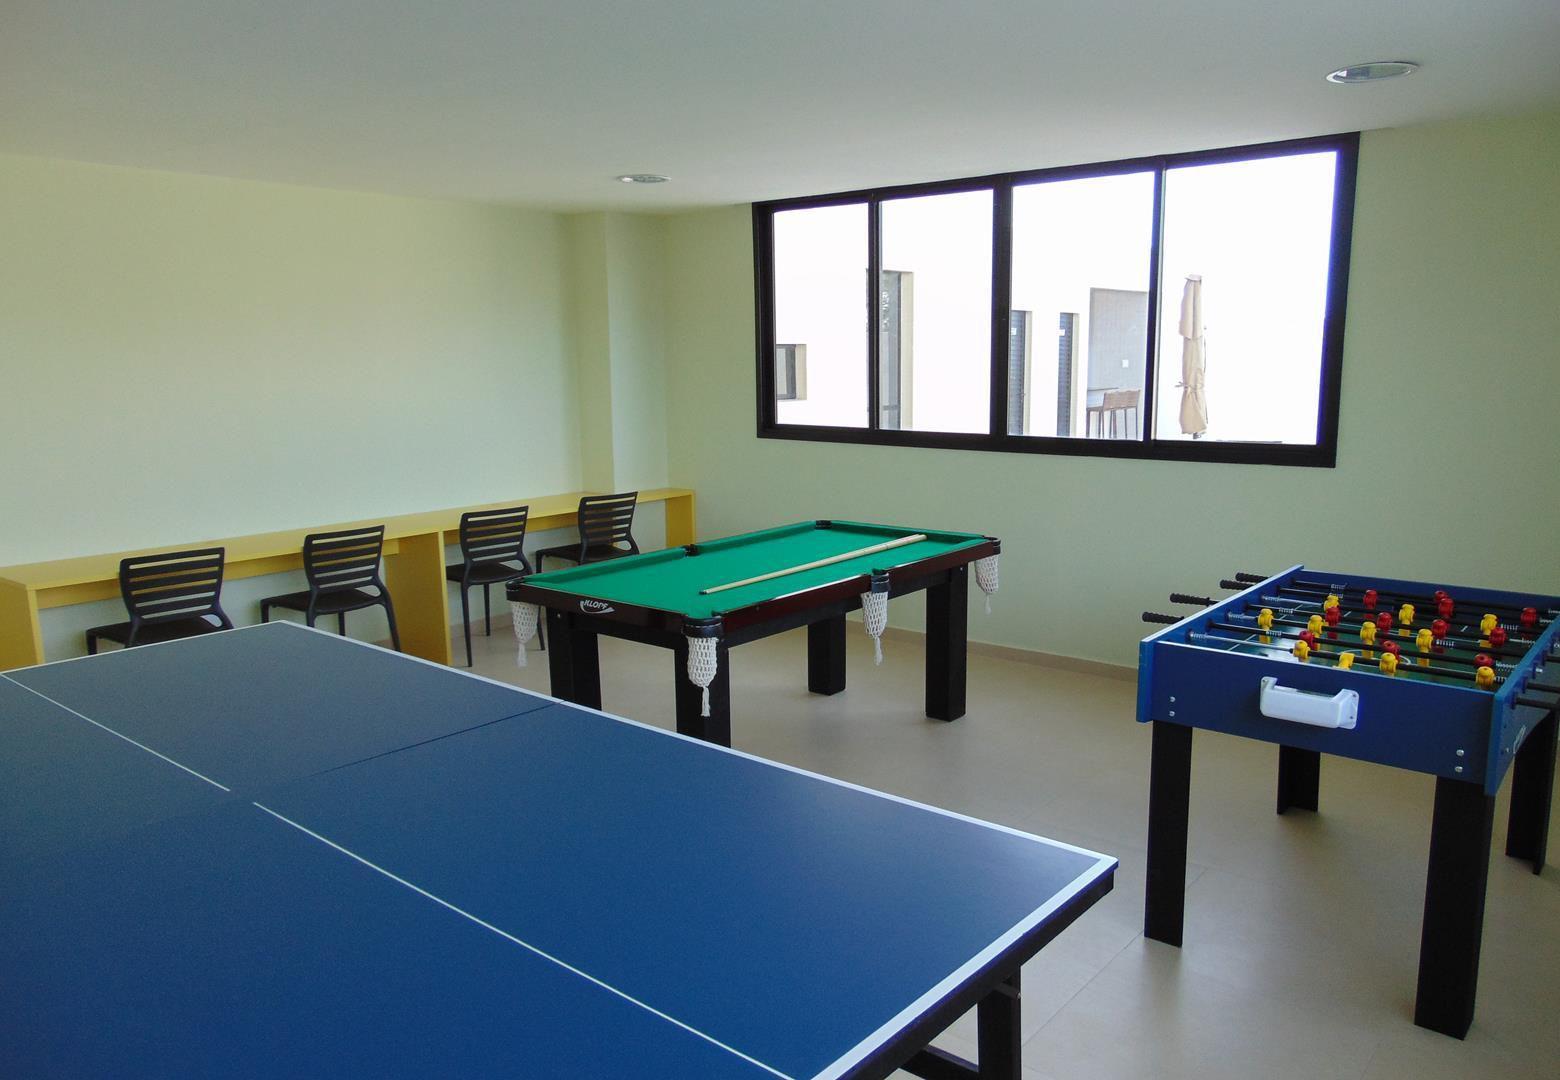 Foto do salão de jogos do Residencial Vista Bella.